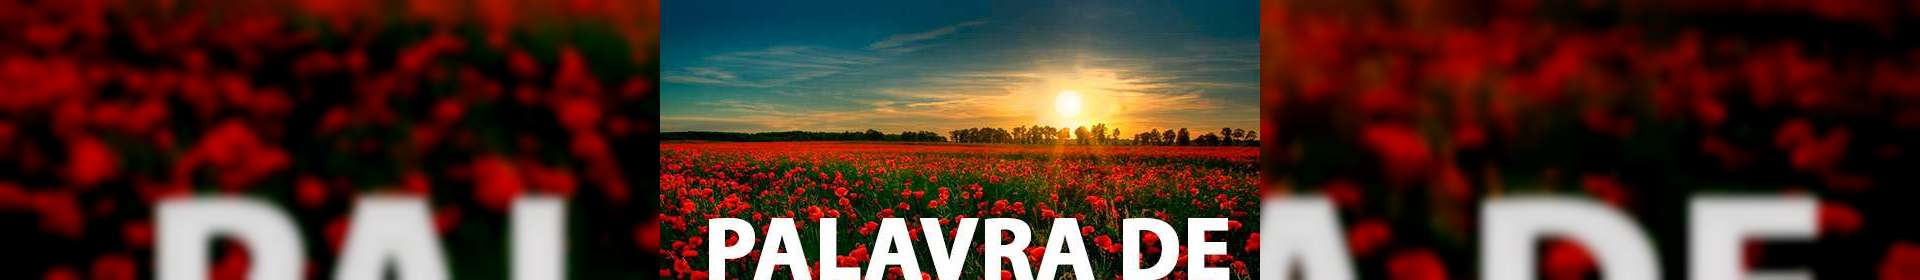 Salmos 23:4,5 - Uma Palavra de Esperança para sua vida